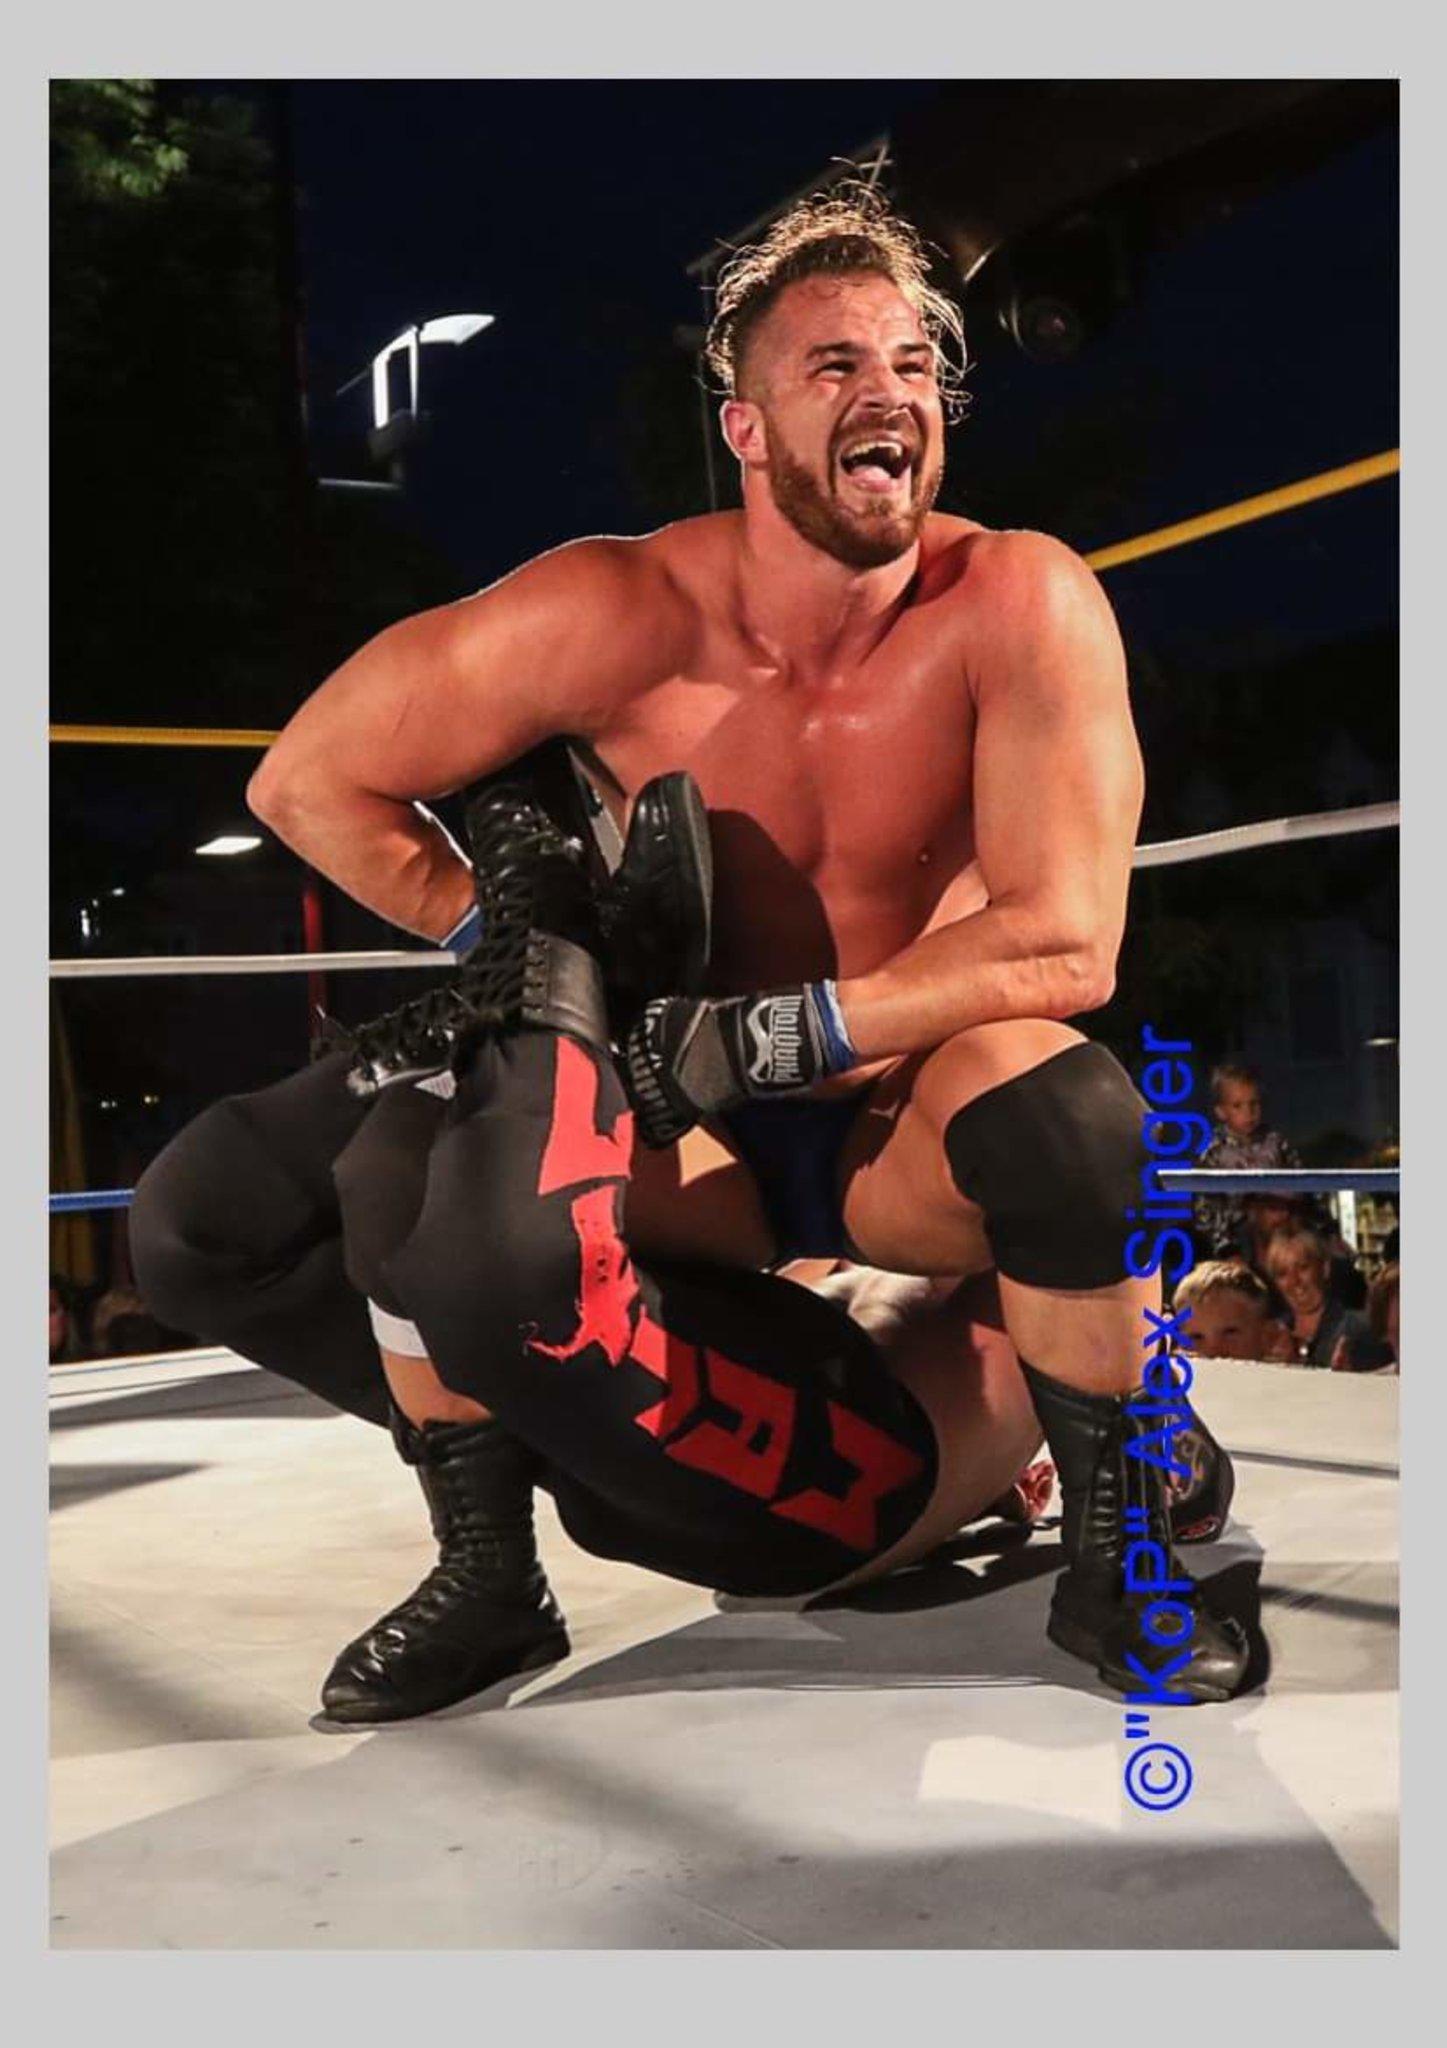 UKWA Wrestling: Weizer Hauptplatz als Wrestling-Bühne - Weiz